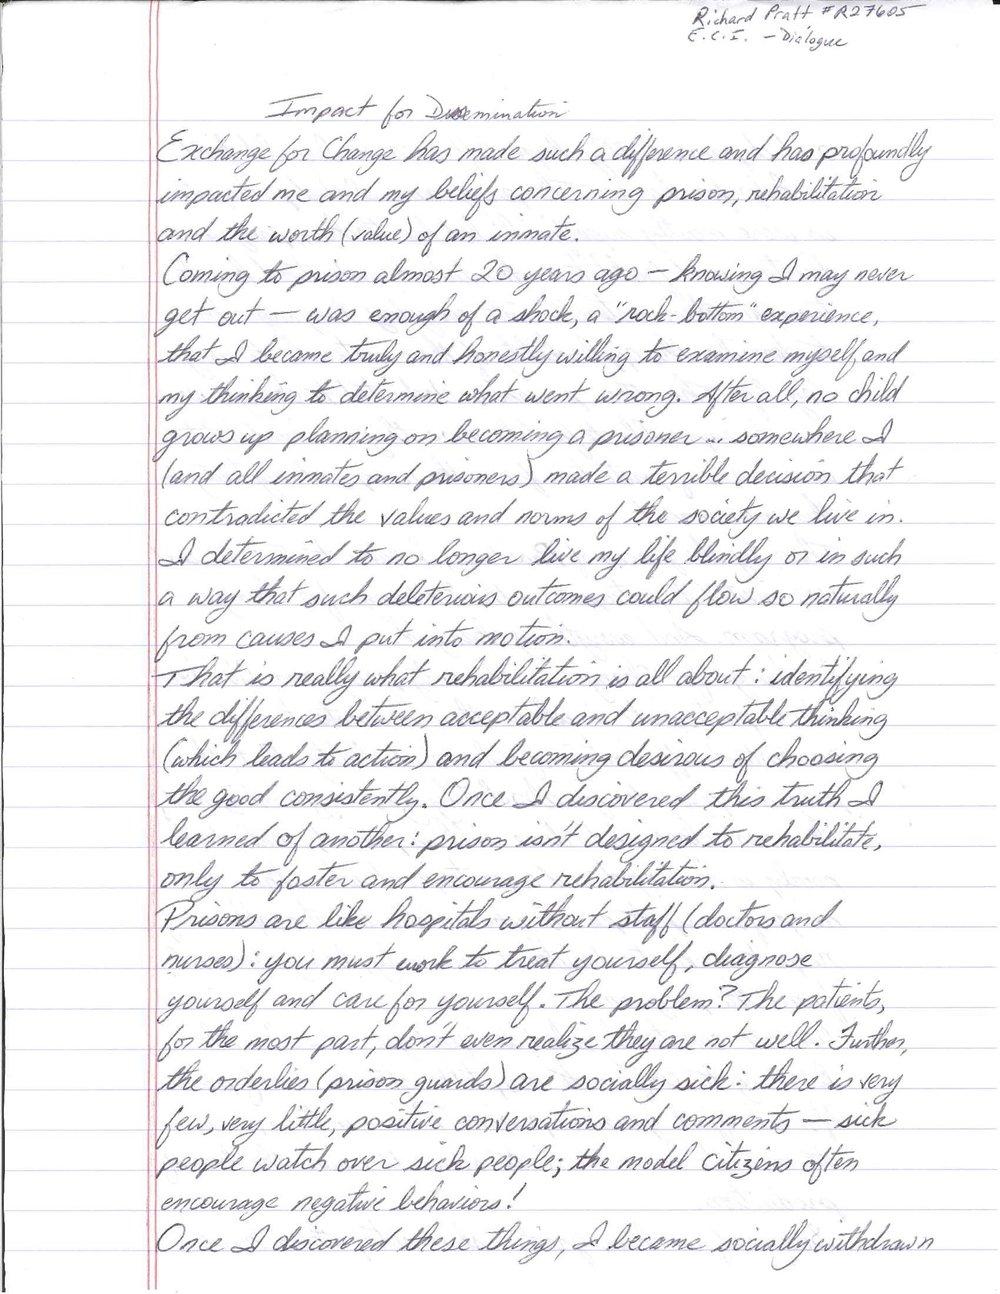 Pratt's+Letter+to+E4C.jpg